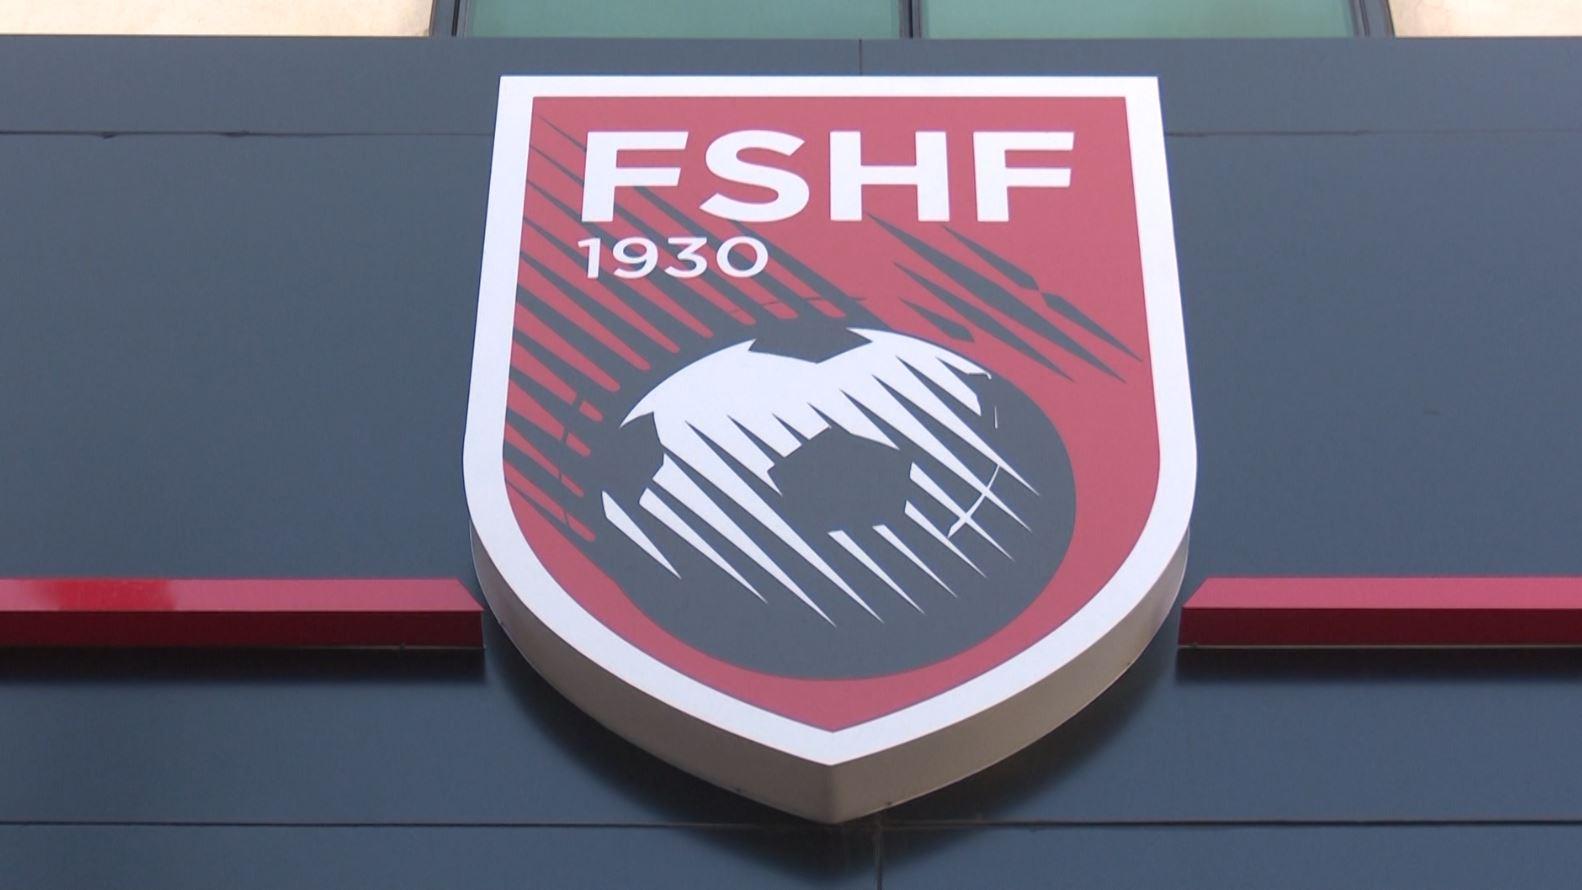 FSHF pritet të vendosë javën e ardhshme për fatin e Superligës